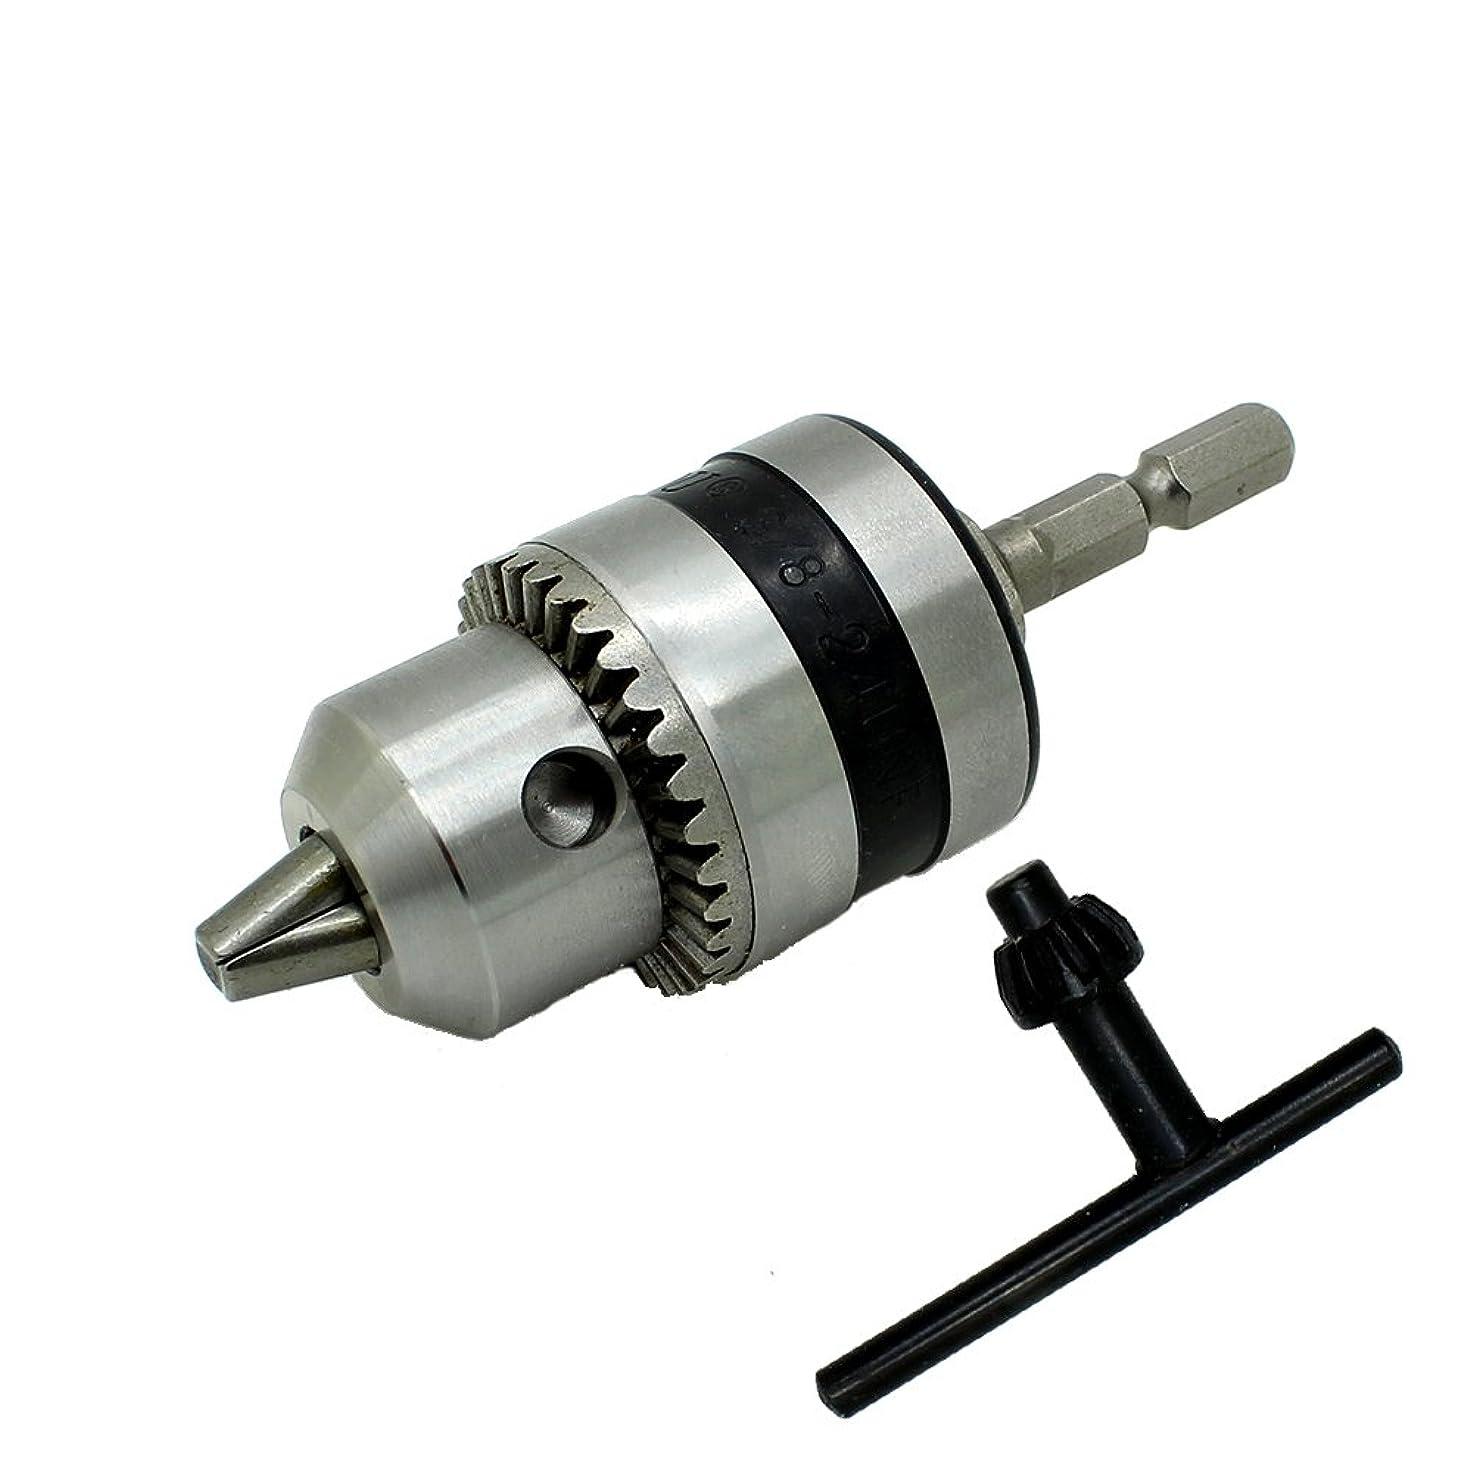 管理します暗黙不適AUTOTOOLHOME 電動 ロータリーハンマードリルチャック電動工具アクセサリーキャップ 1.5-10mm マウント3/8